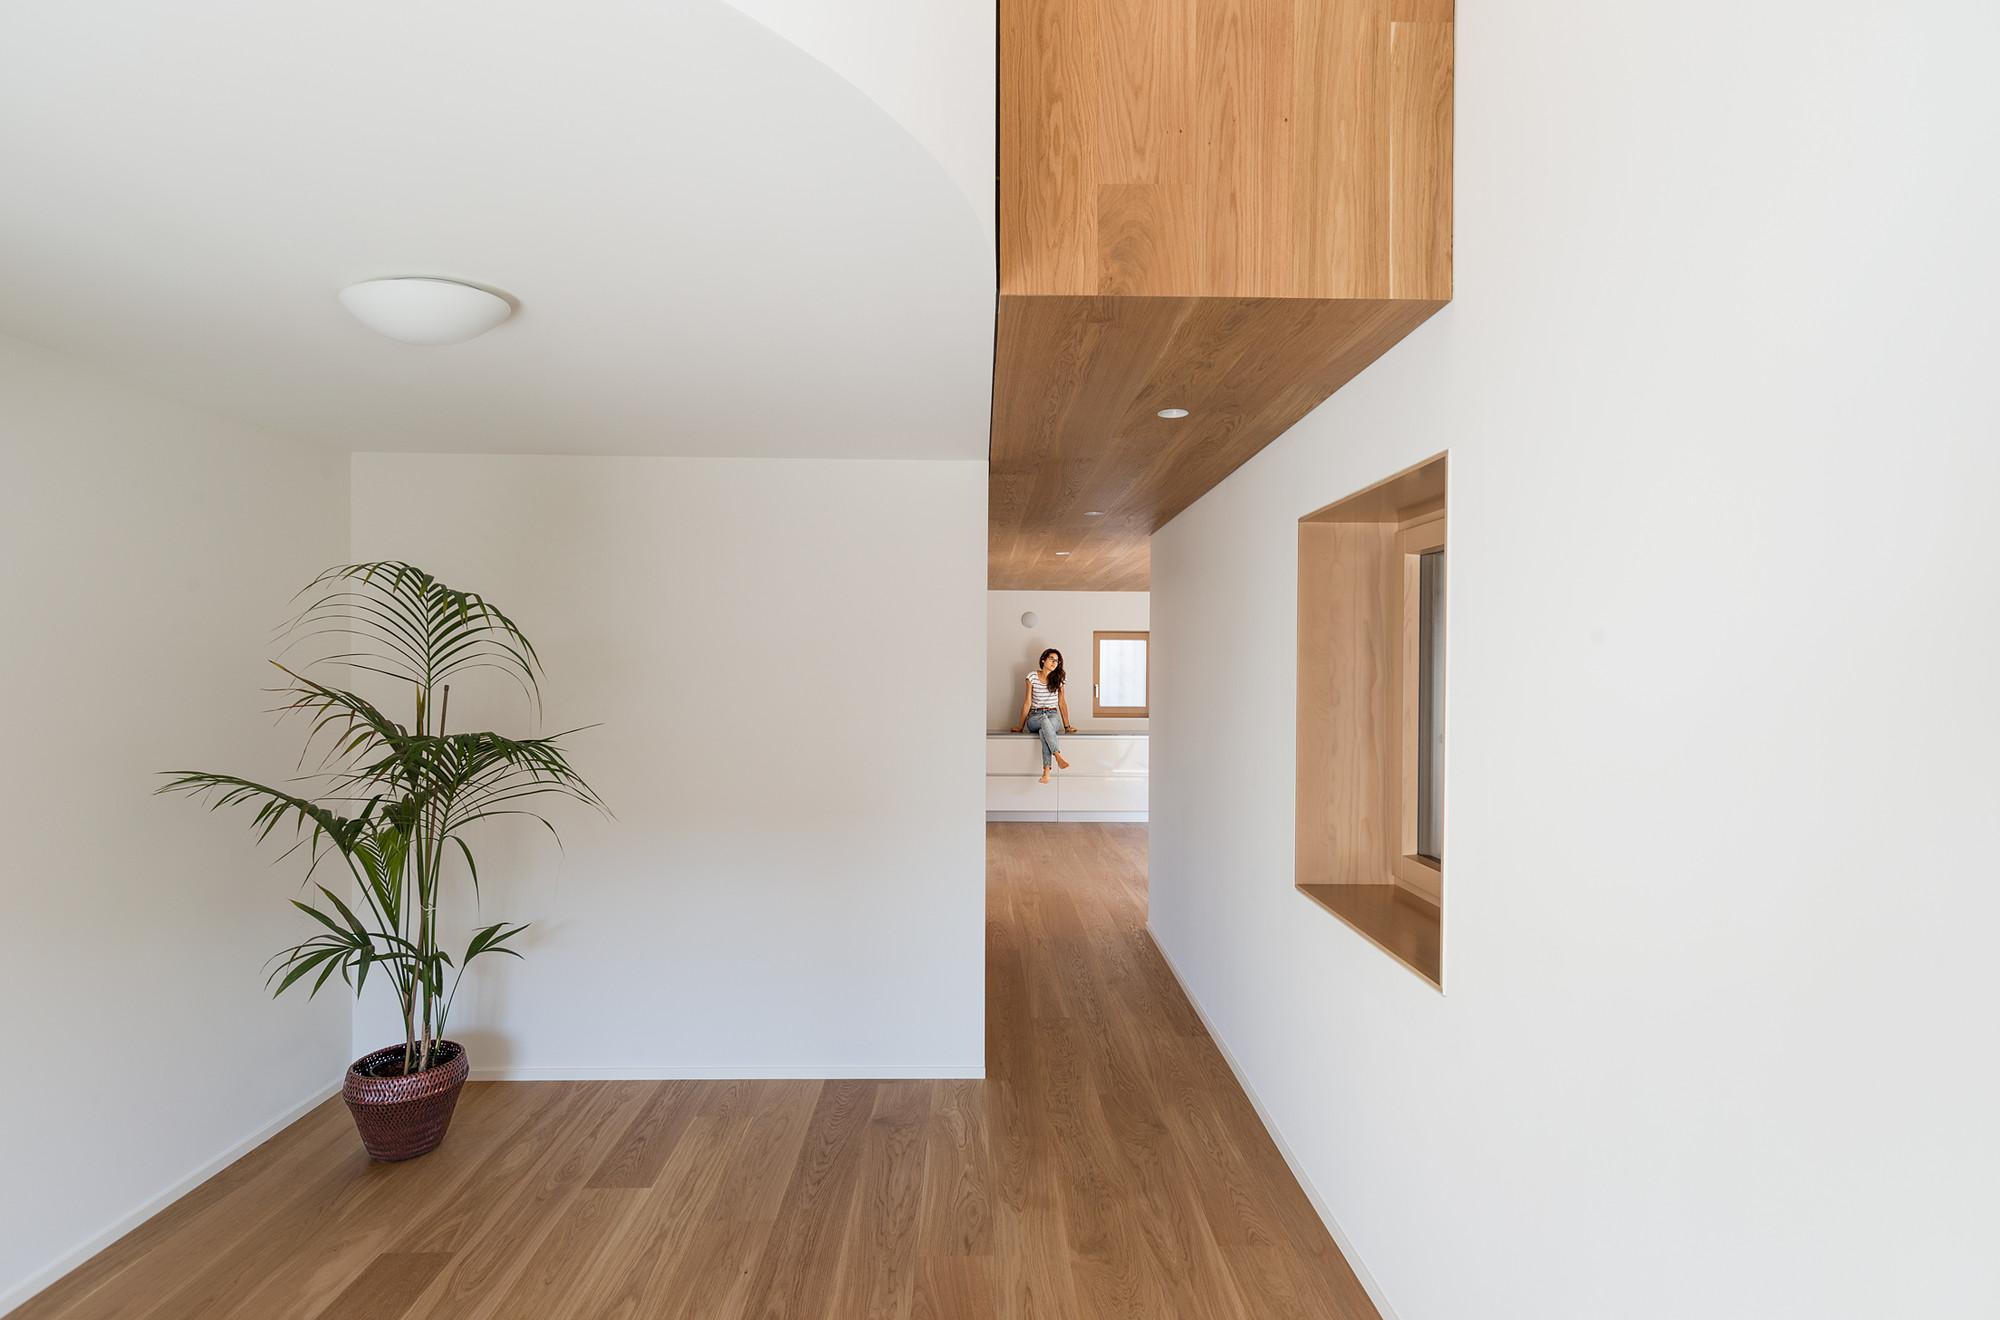 Casa Desgraz / studio inches architettura, © Simone Bossi